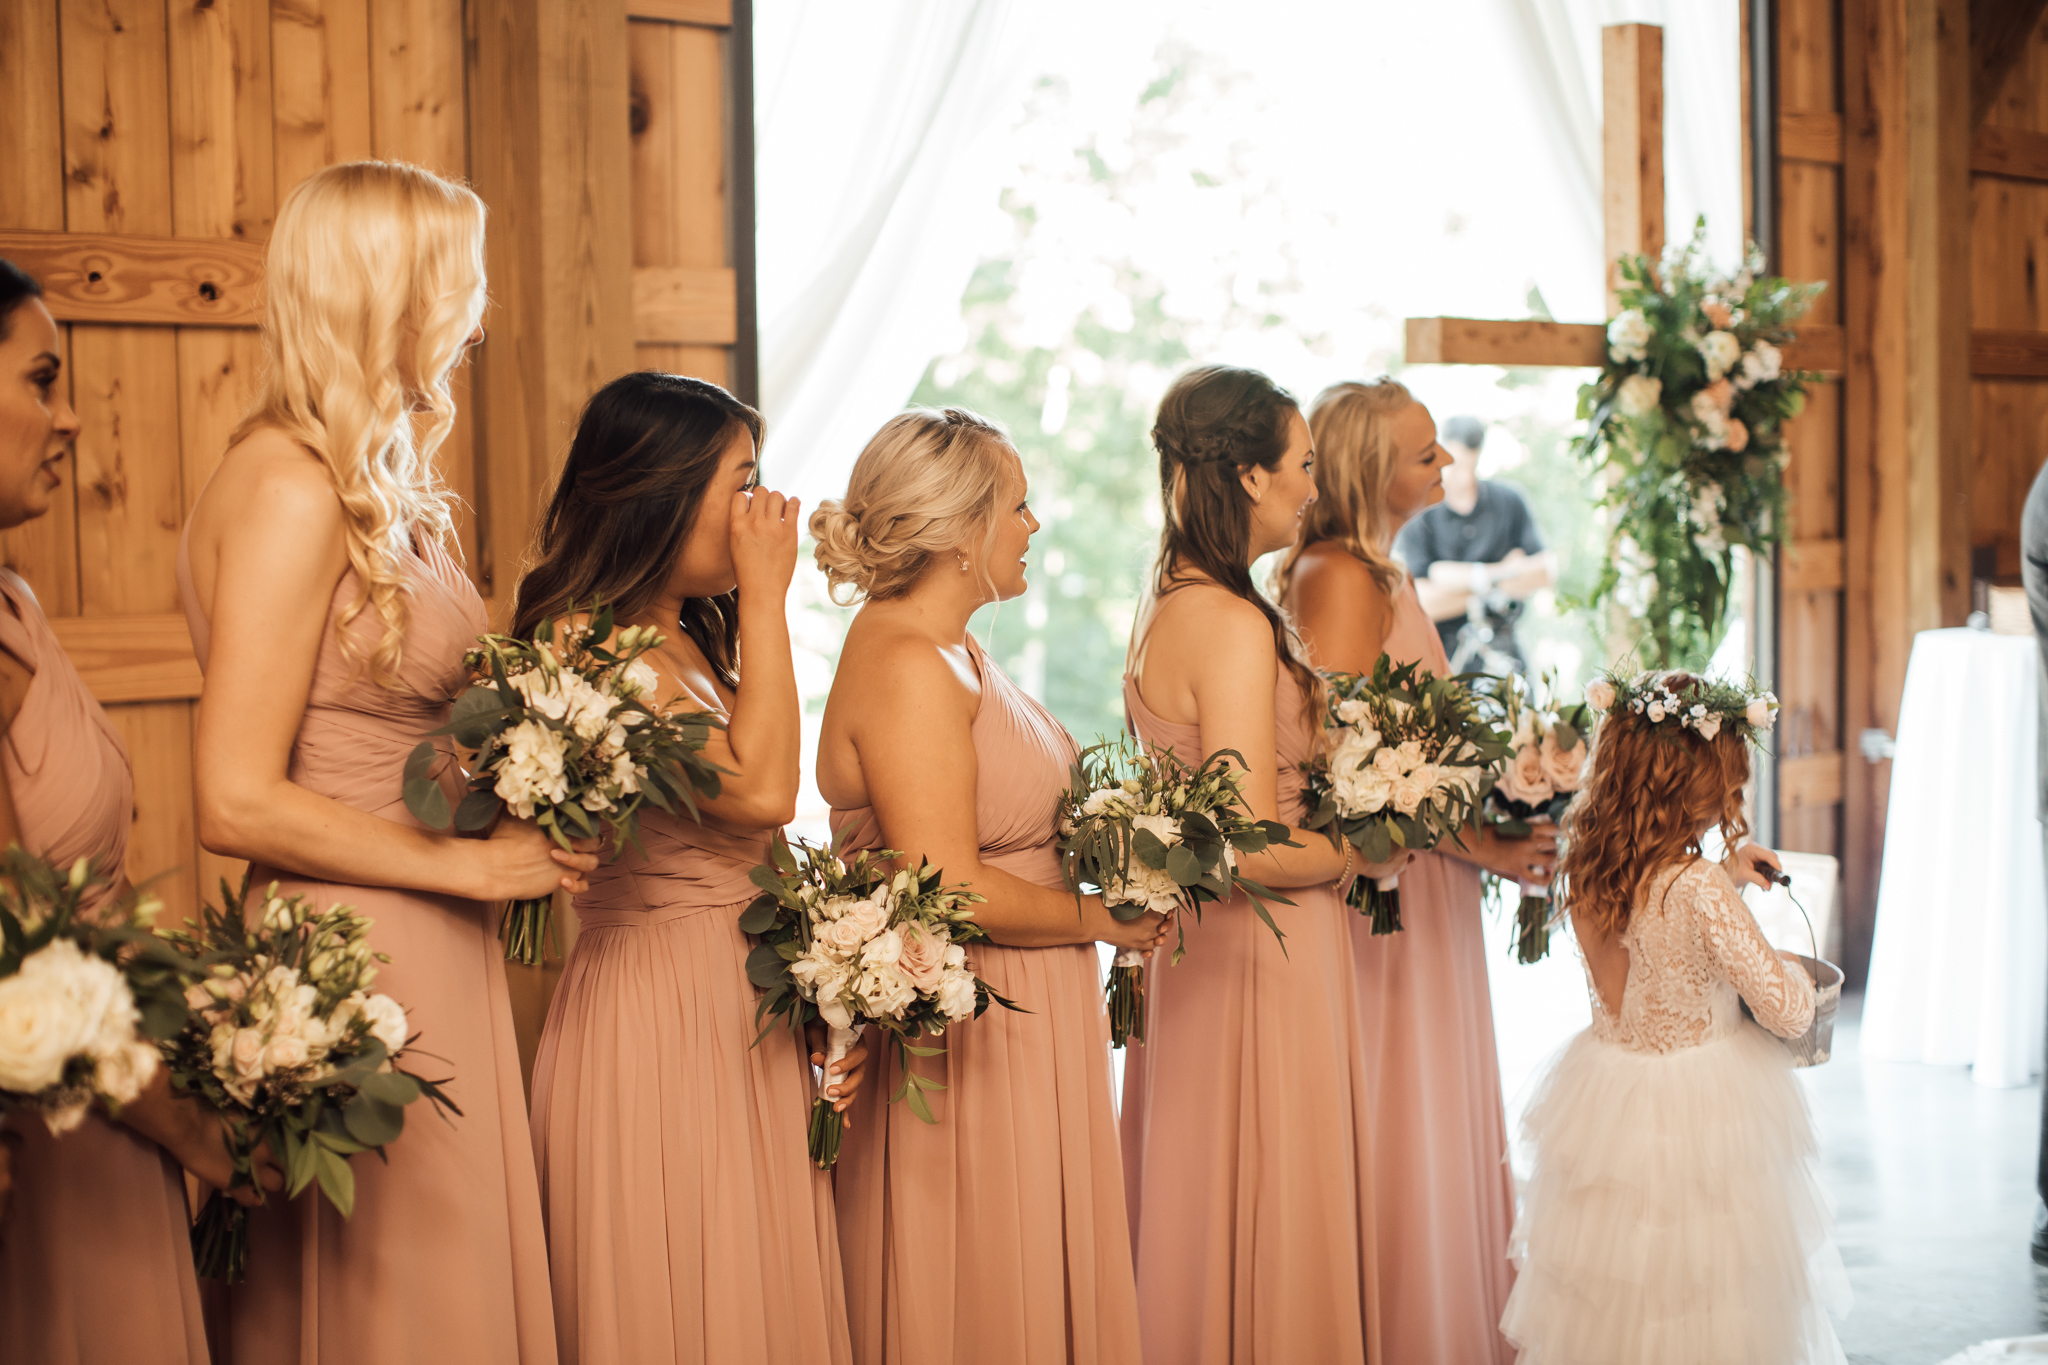 saddlewoodsfarms-nashville-wedding-photographer-thewarmtharoundyou-rustic-wedding (32 of 251).jpg